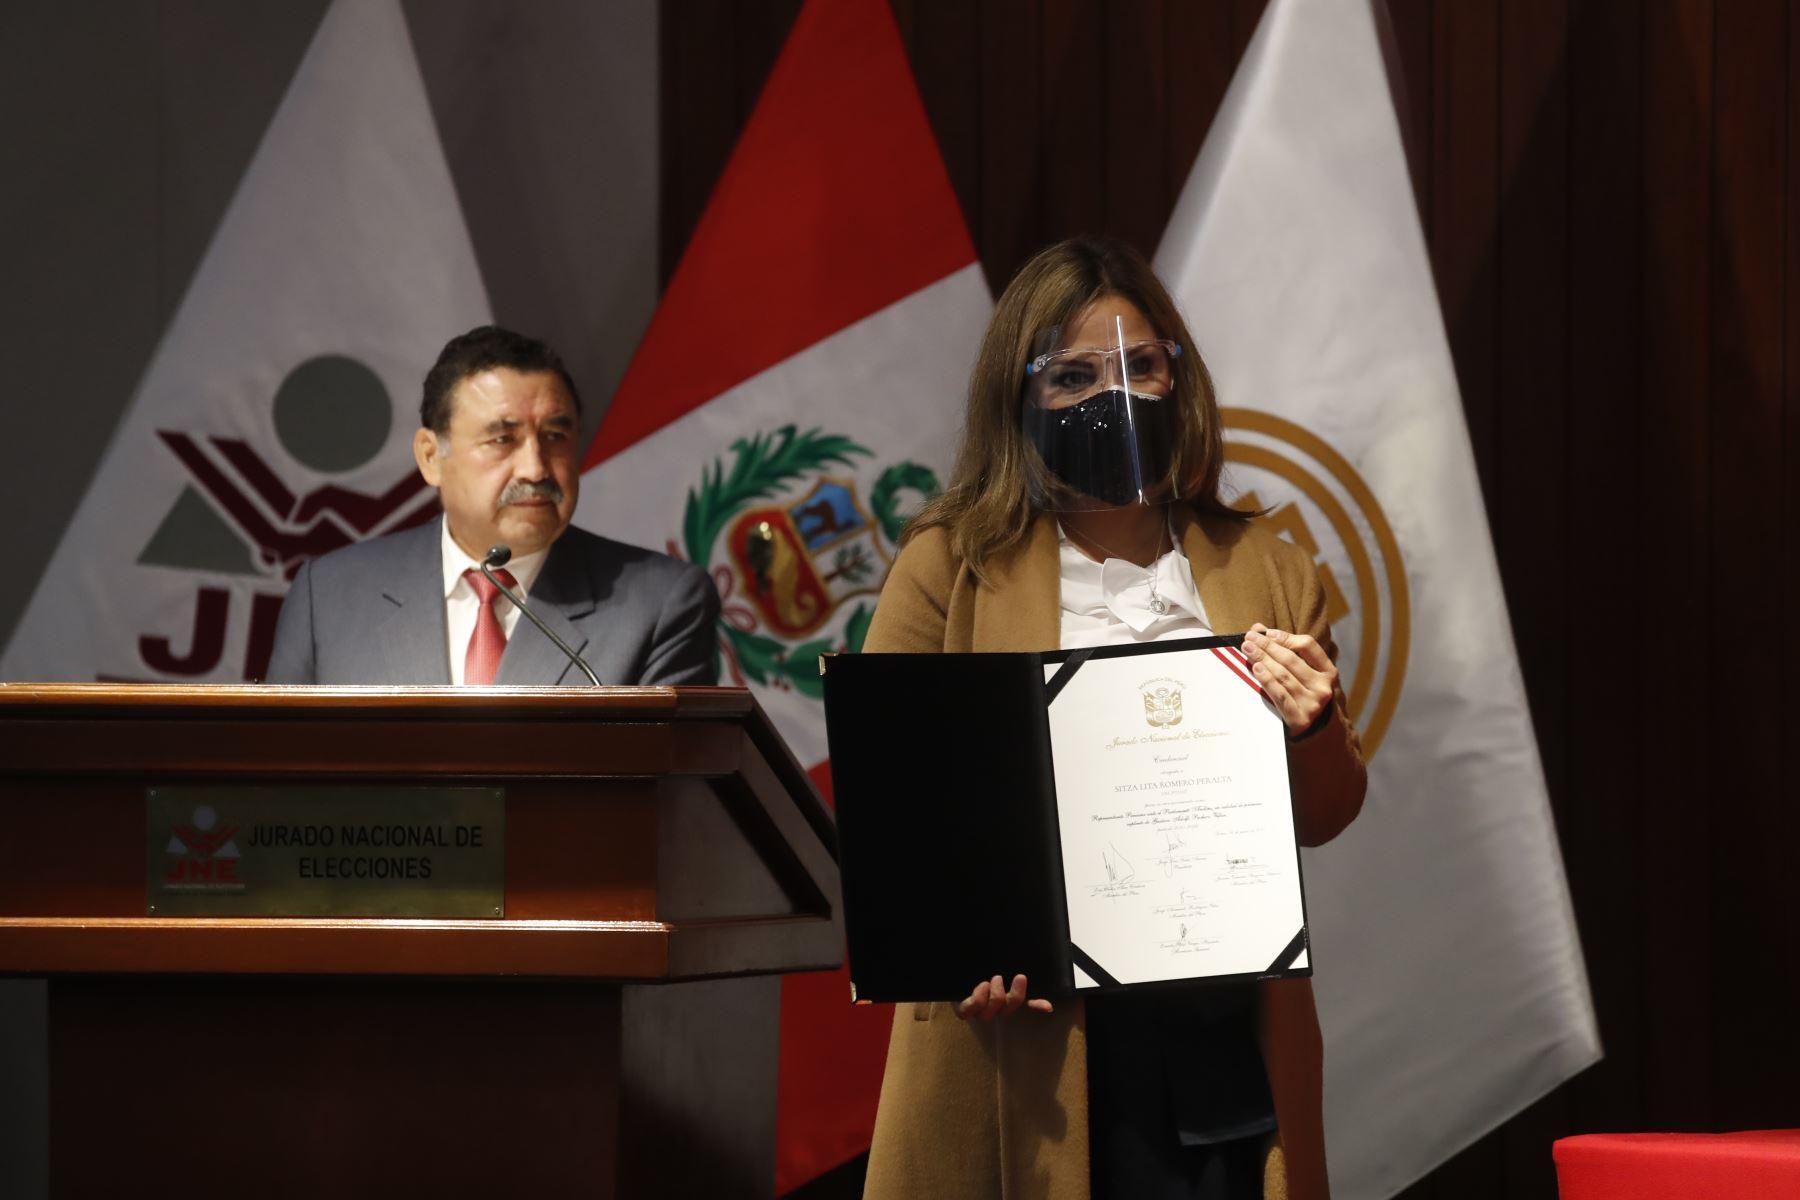 Sitza Romero, representante de Renovación Popular en ceremonia de entrega de credenciales a representantes del Parlamento Andino. Foto: ANDINA/Juan Carlos Guzmán